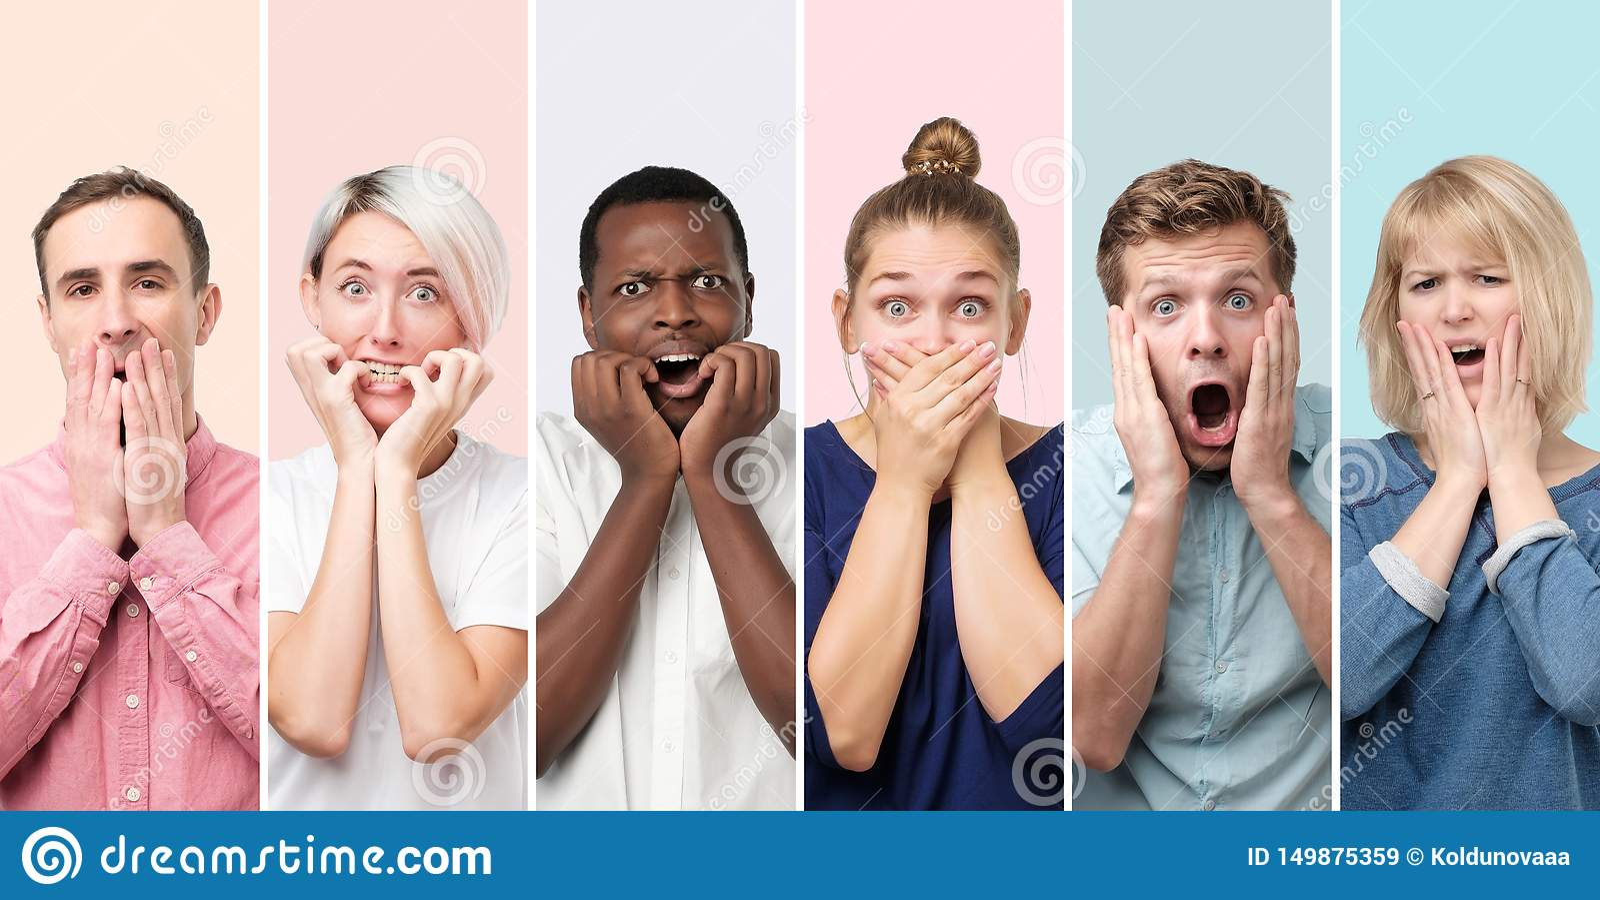 Personnes étonnées et étonnées recevant des nouvelles inattendues choquantes